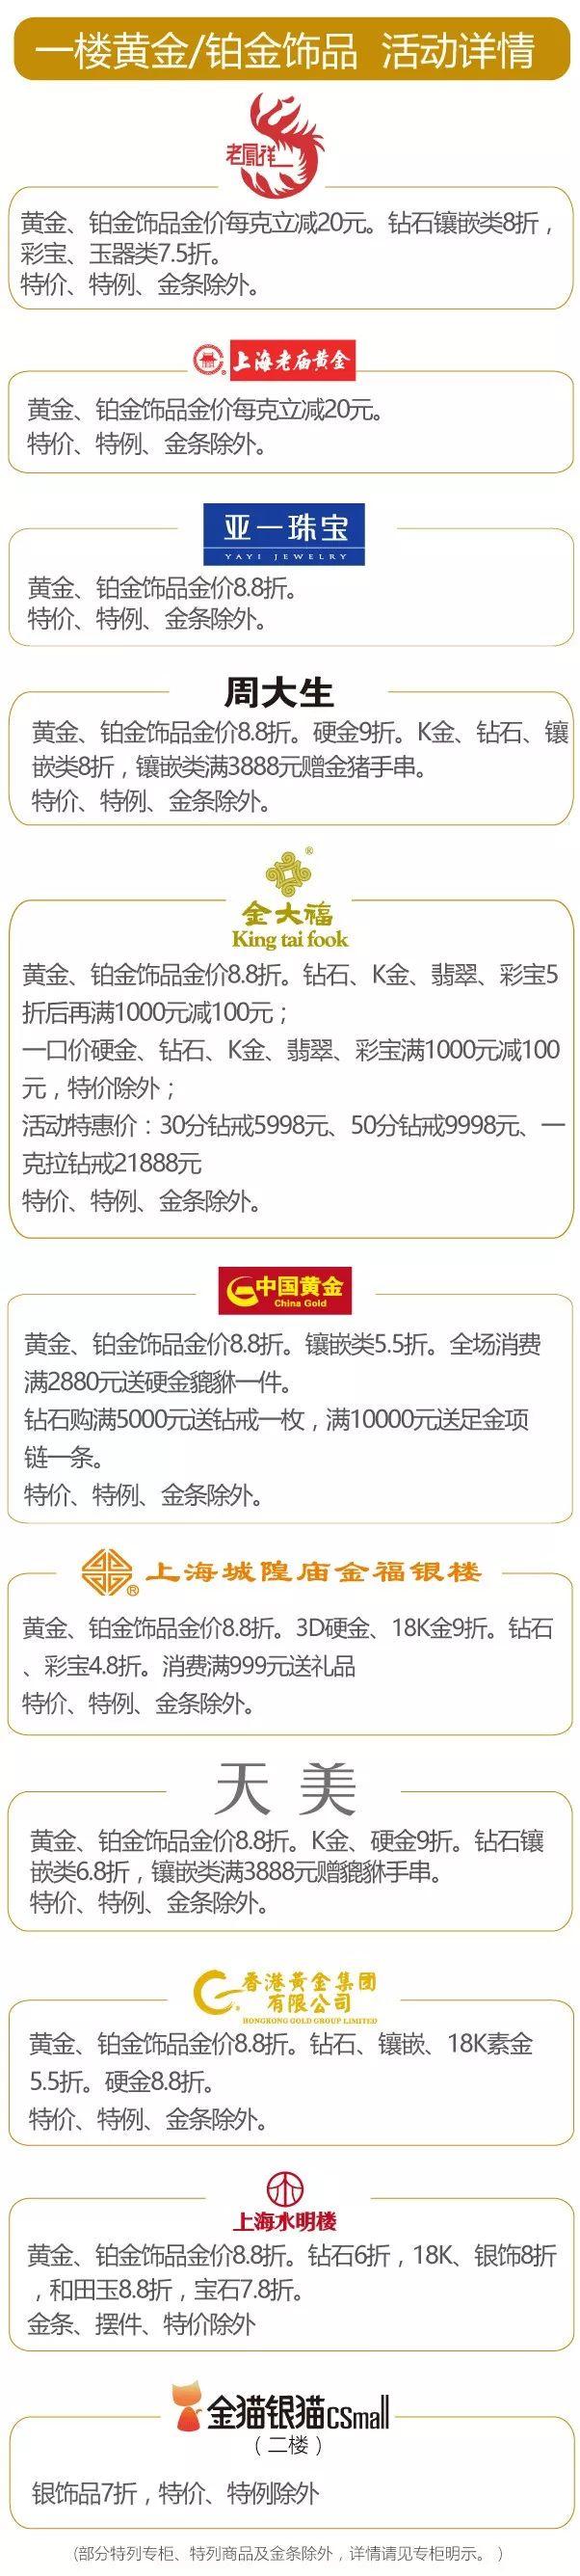 上海文峰千家惠百货岁末狂欢购折扣一览